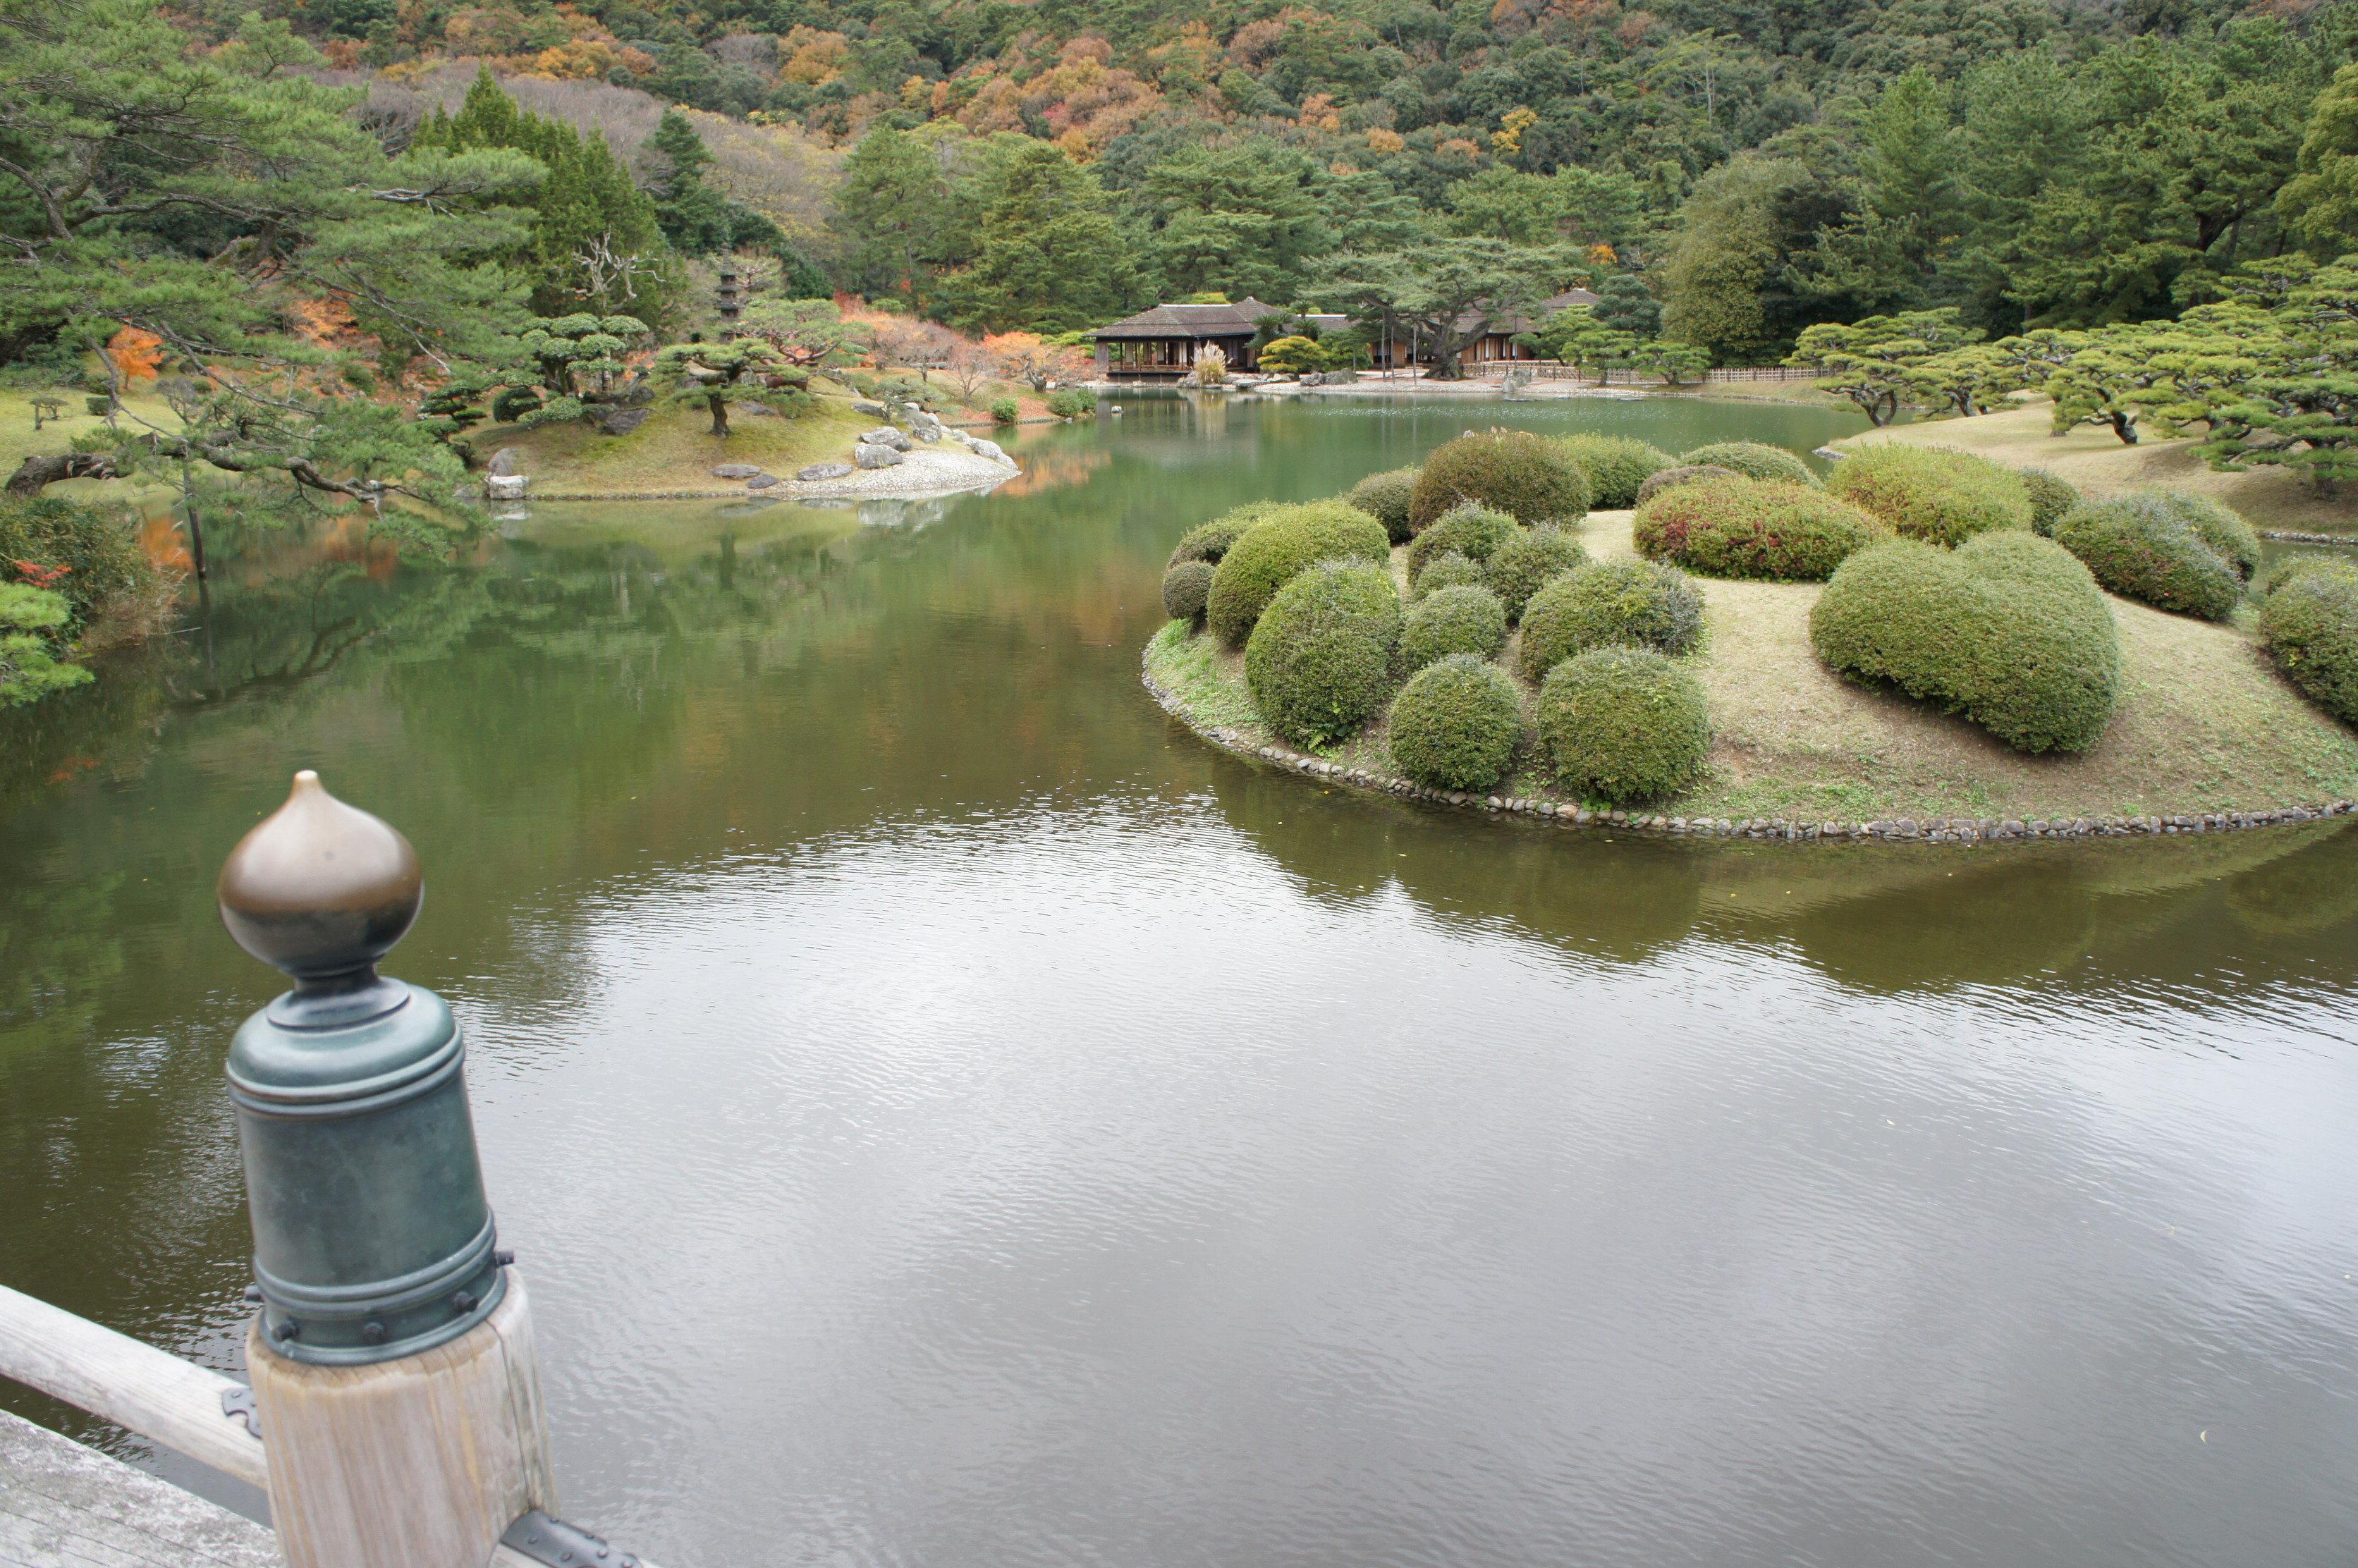 我的2015#短而美,高松大阪奈良京都紧凑游